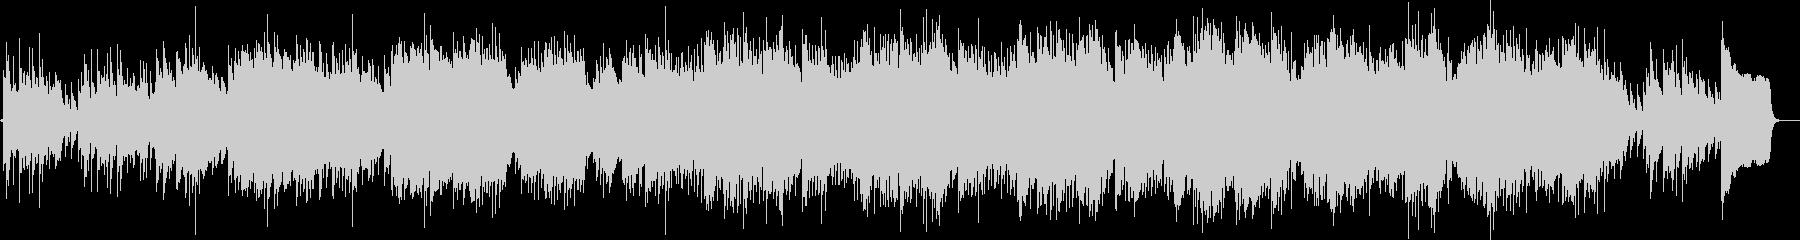 ミステリアスなマリンバのBGMの未再生の波形